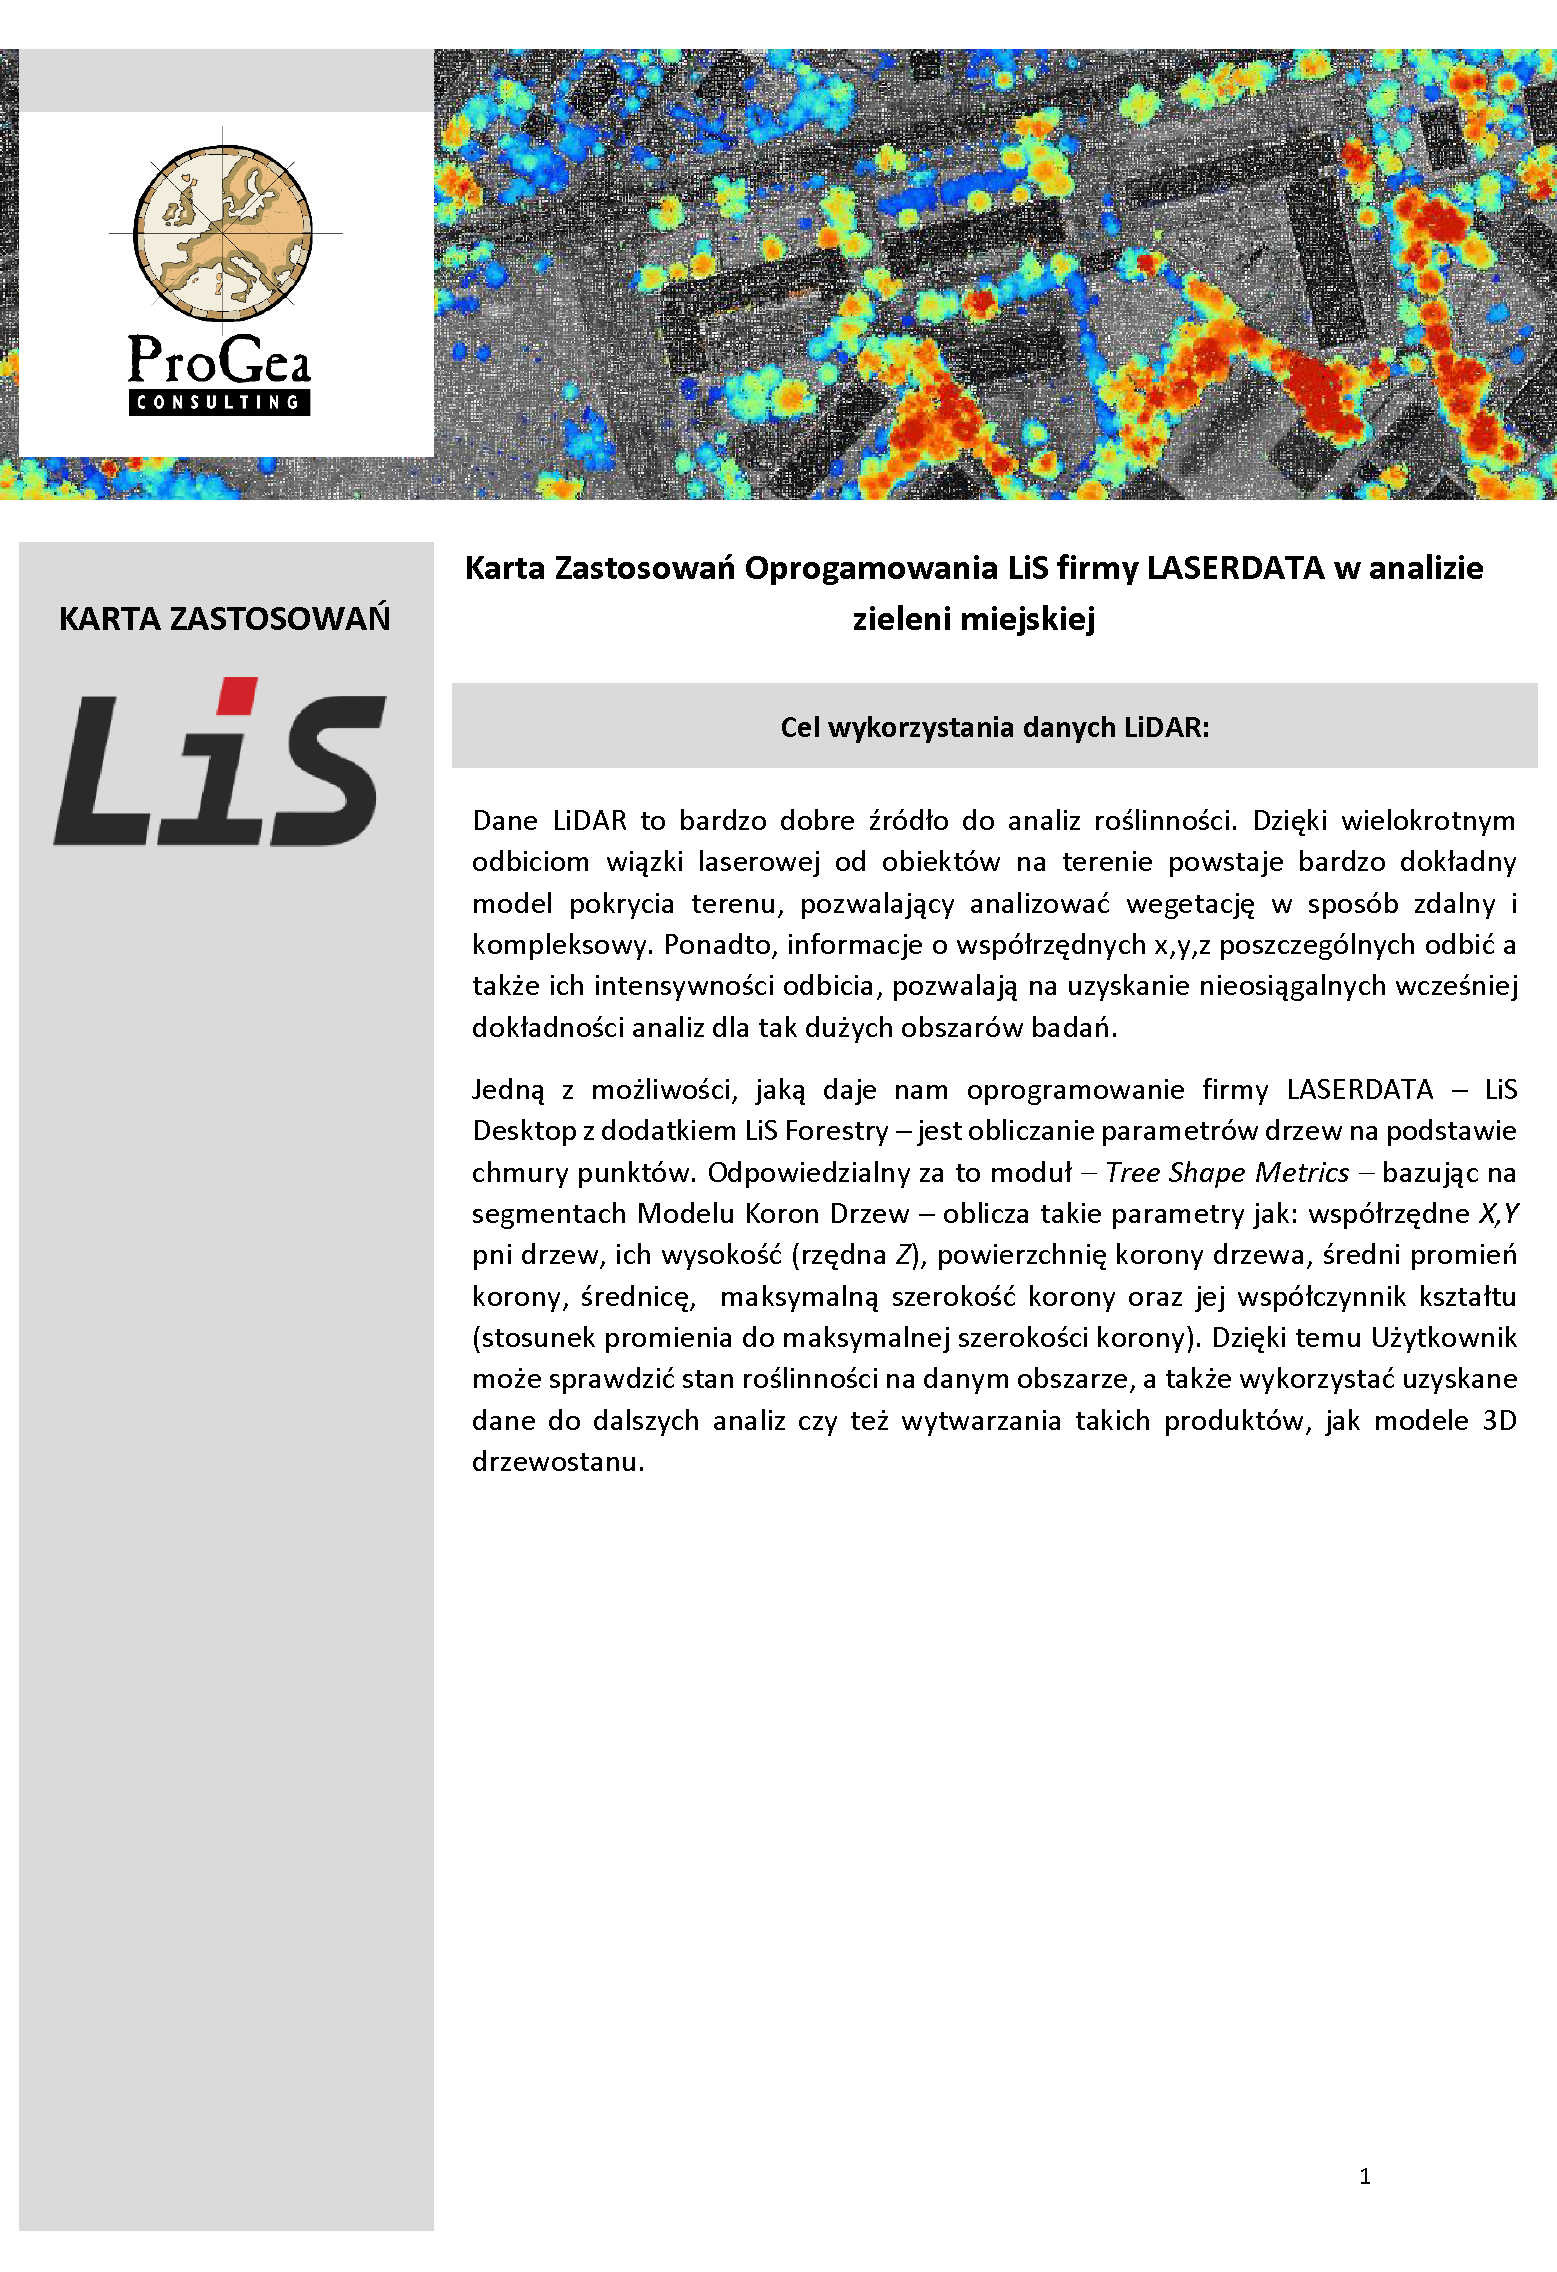 LiS - Analiza zieleni miejskiej_t